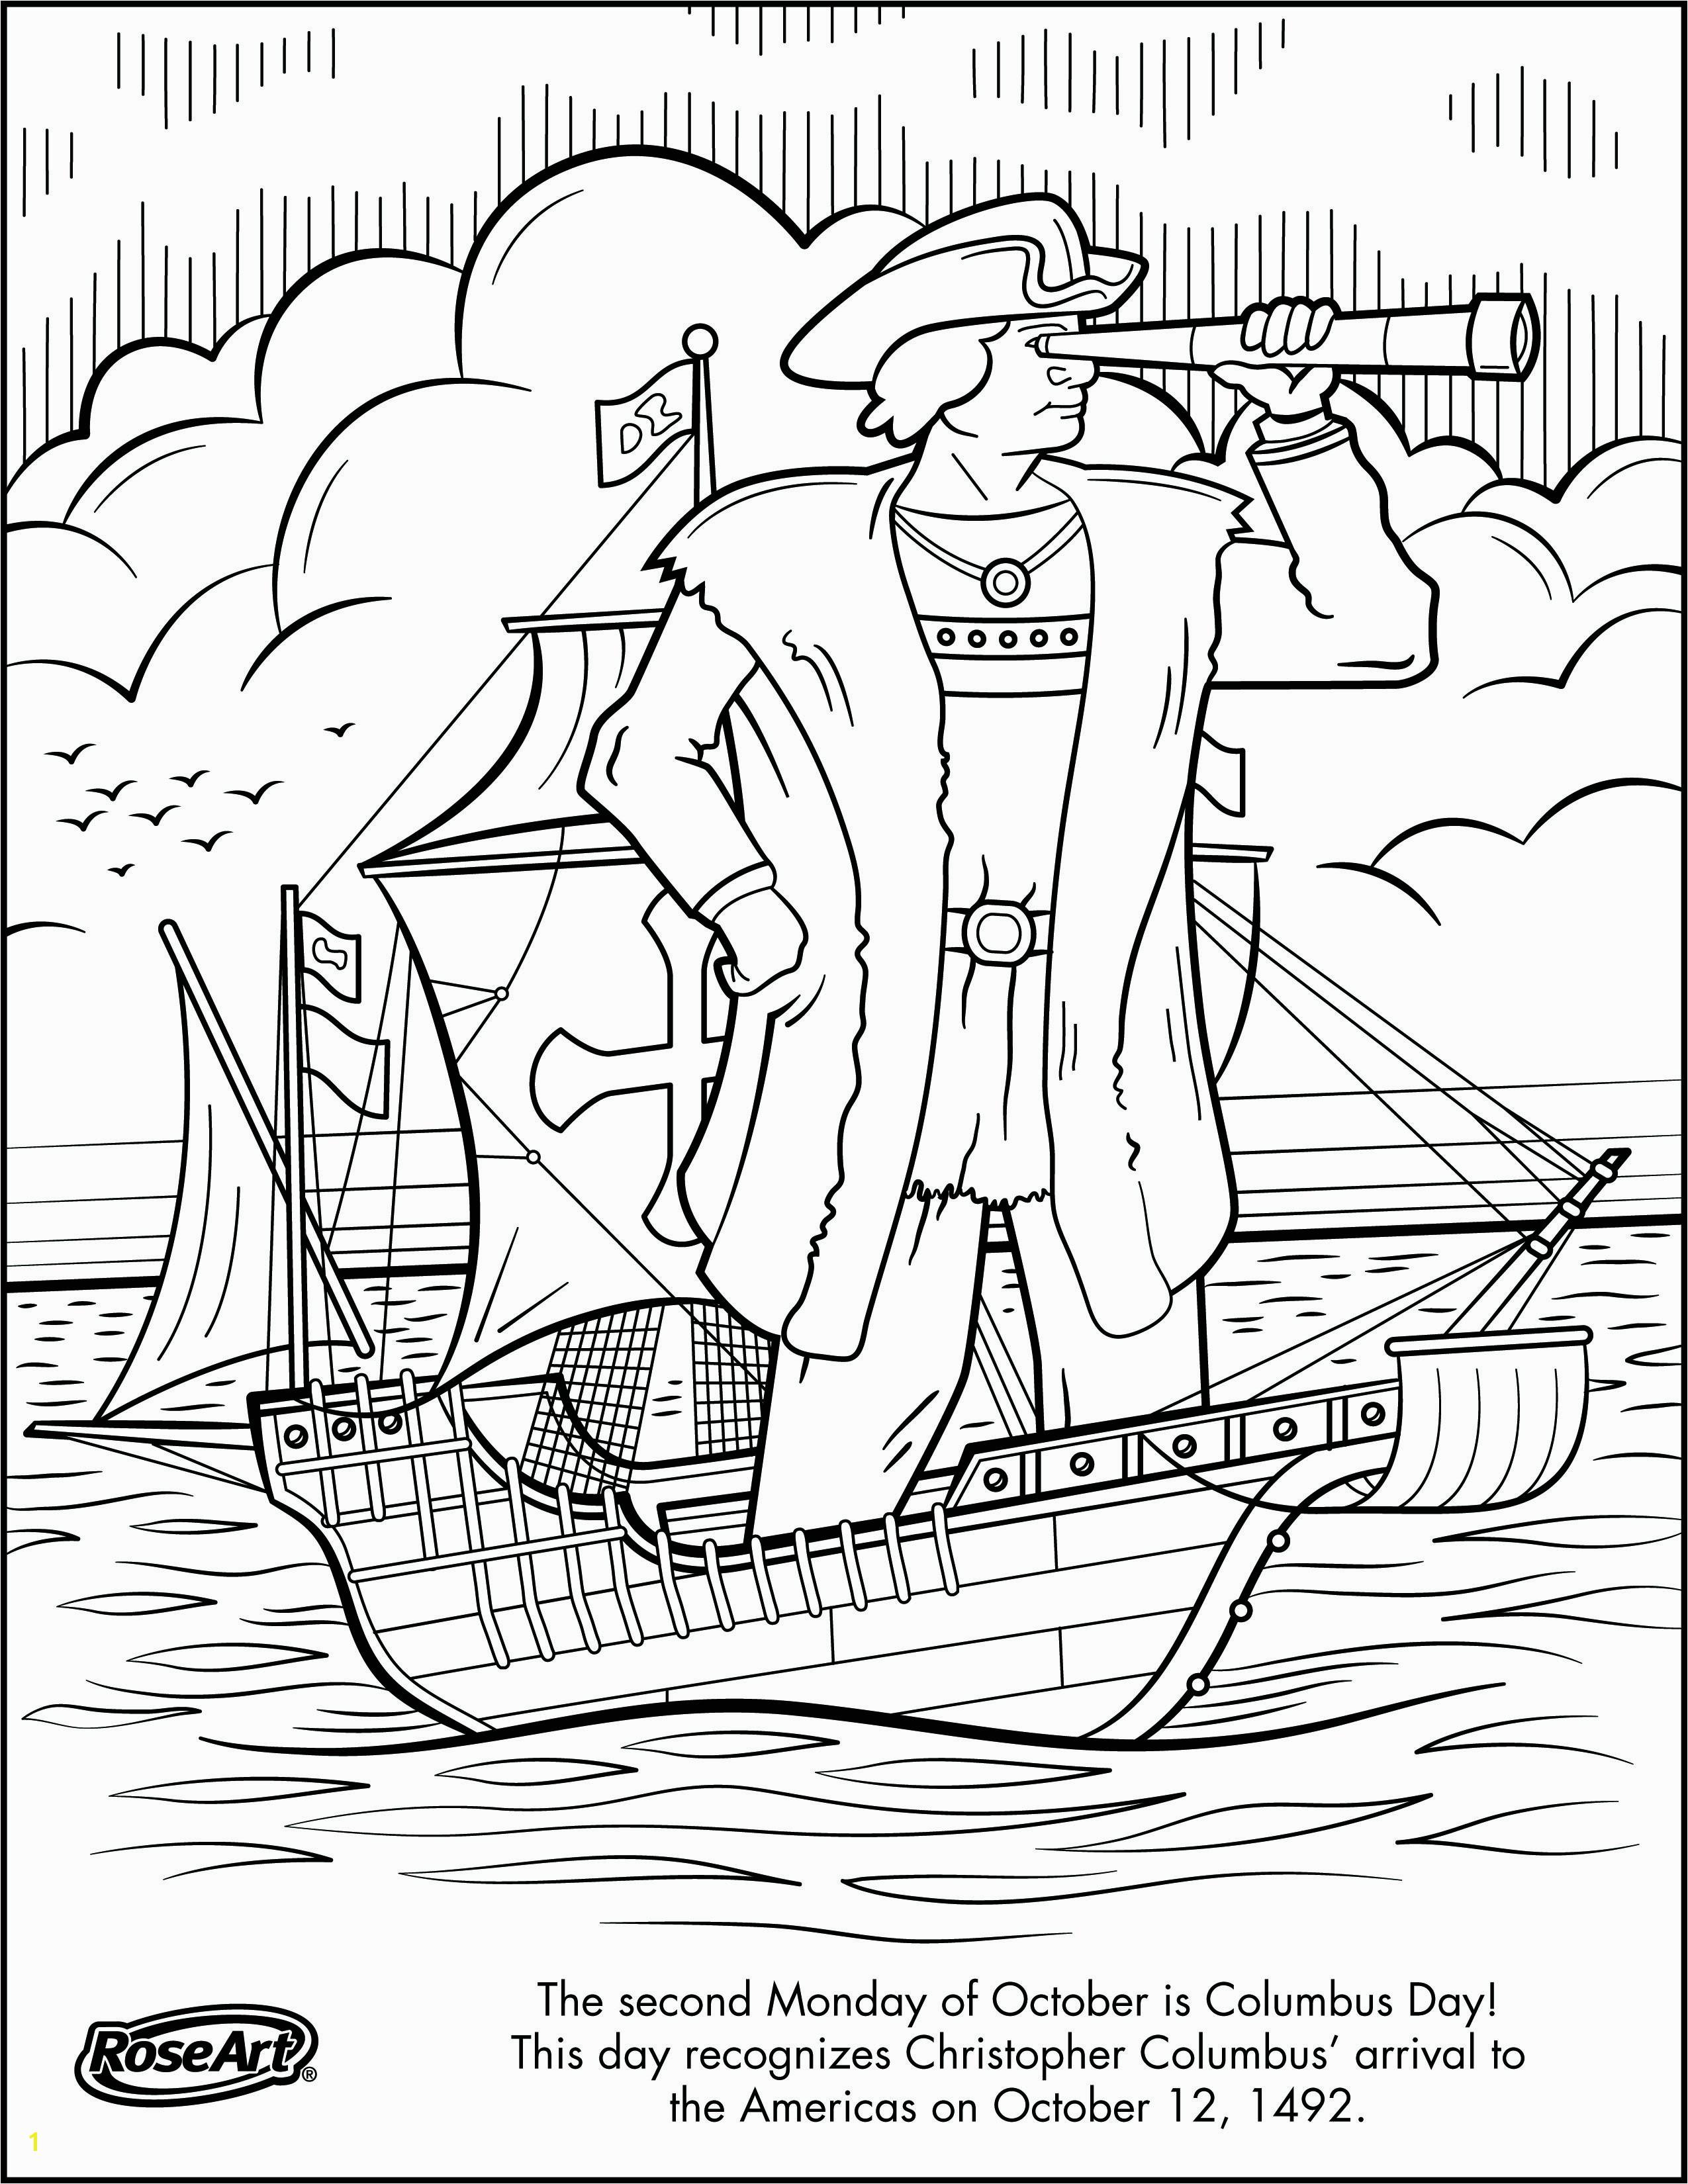 Christopher Columbus Three Ships Coloring Pages Christopher Columbus Coloring Pages Nina Pinta and Santa Maria